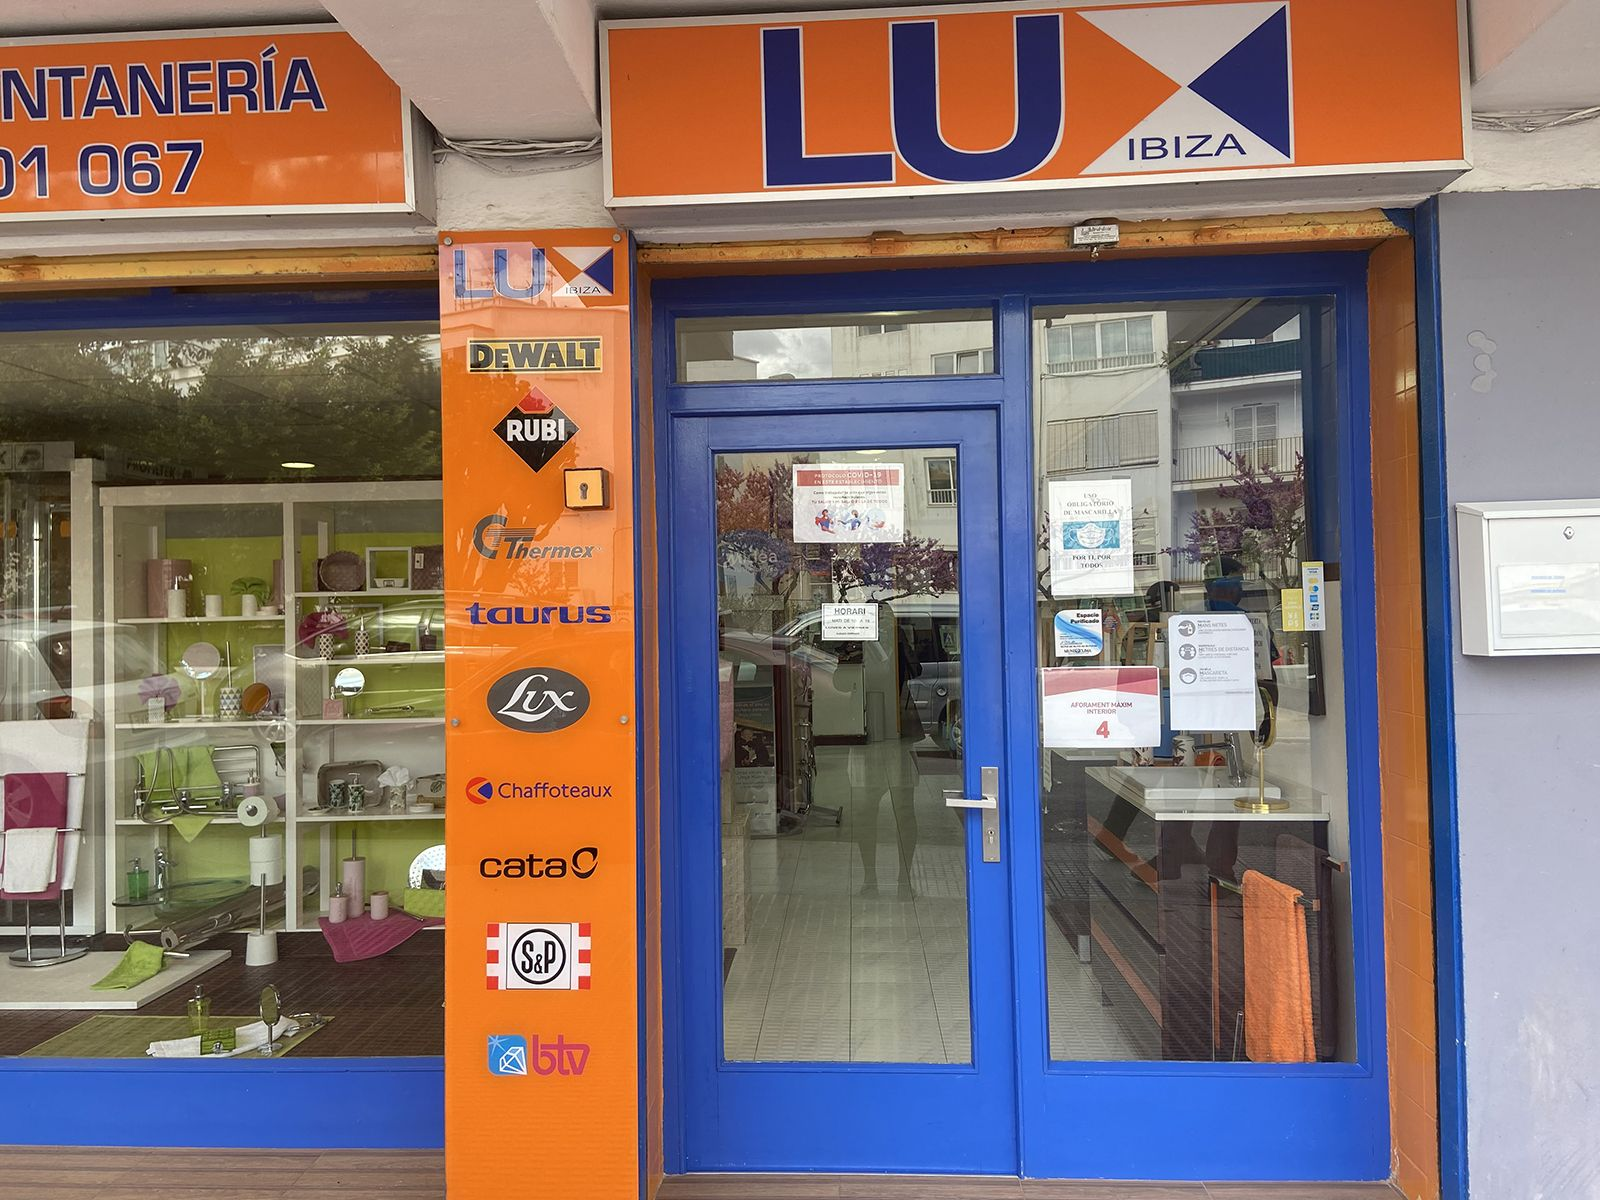 Instalación aire acondicionado Ibiza